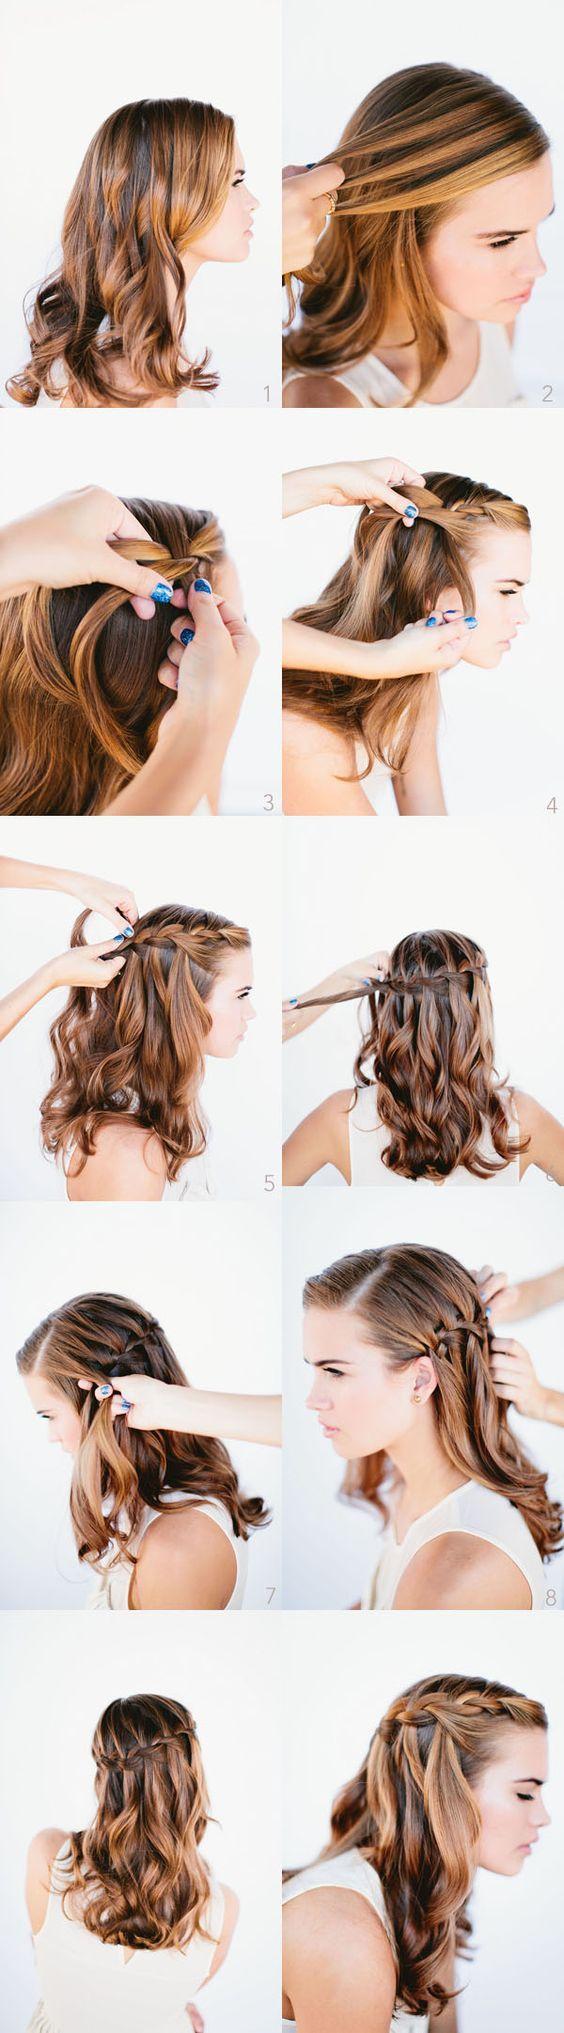 Waterfallbraidhalfupdotutorial Braiding For Short Hair